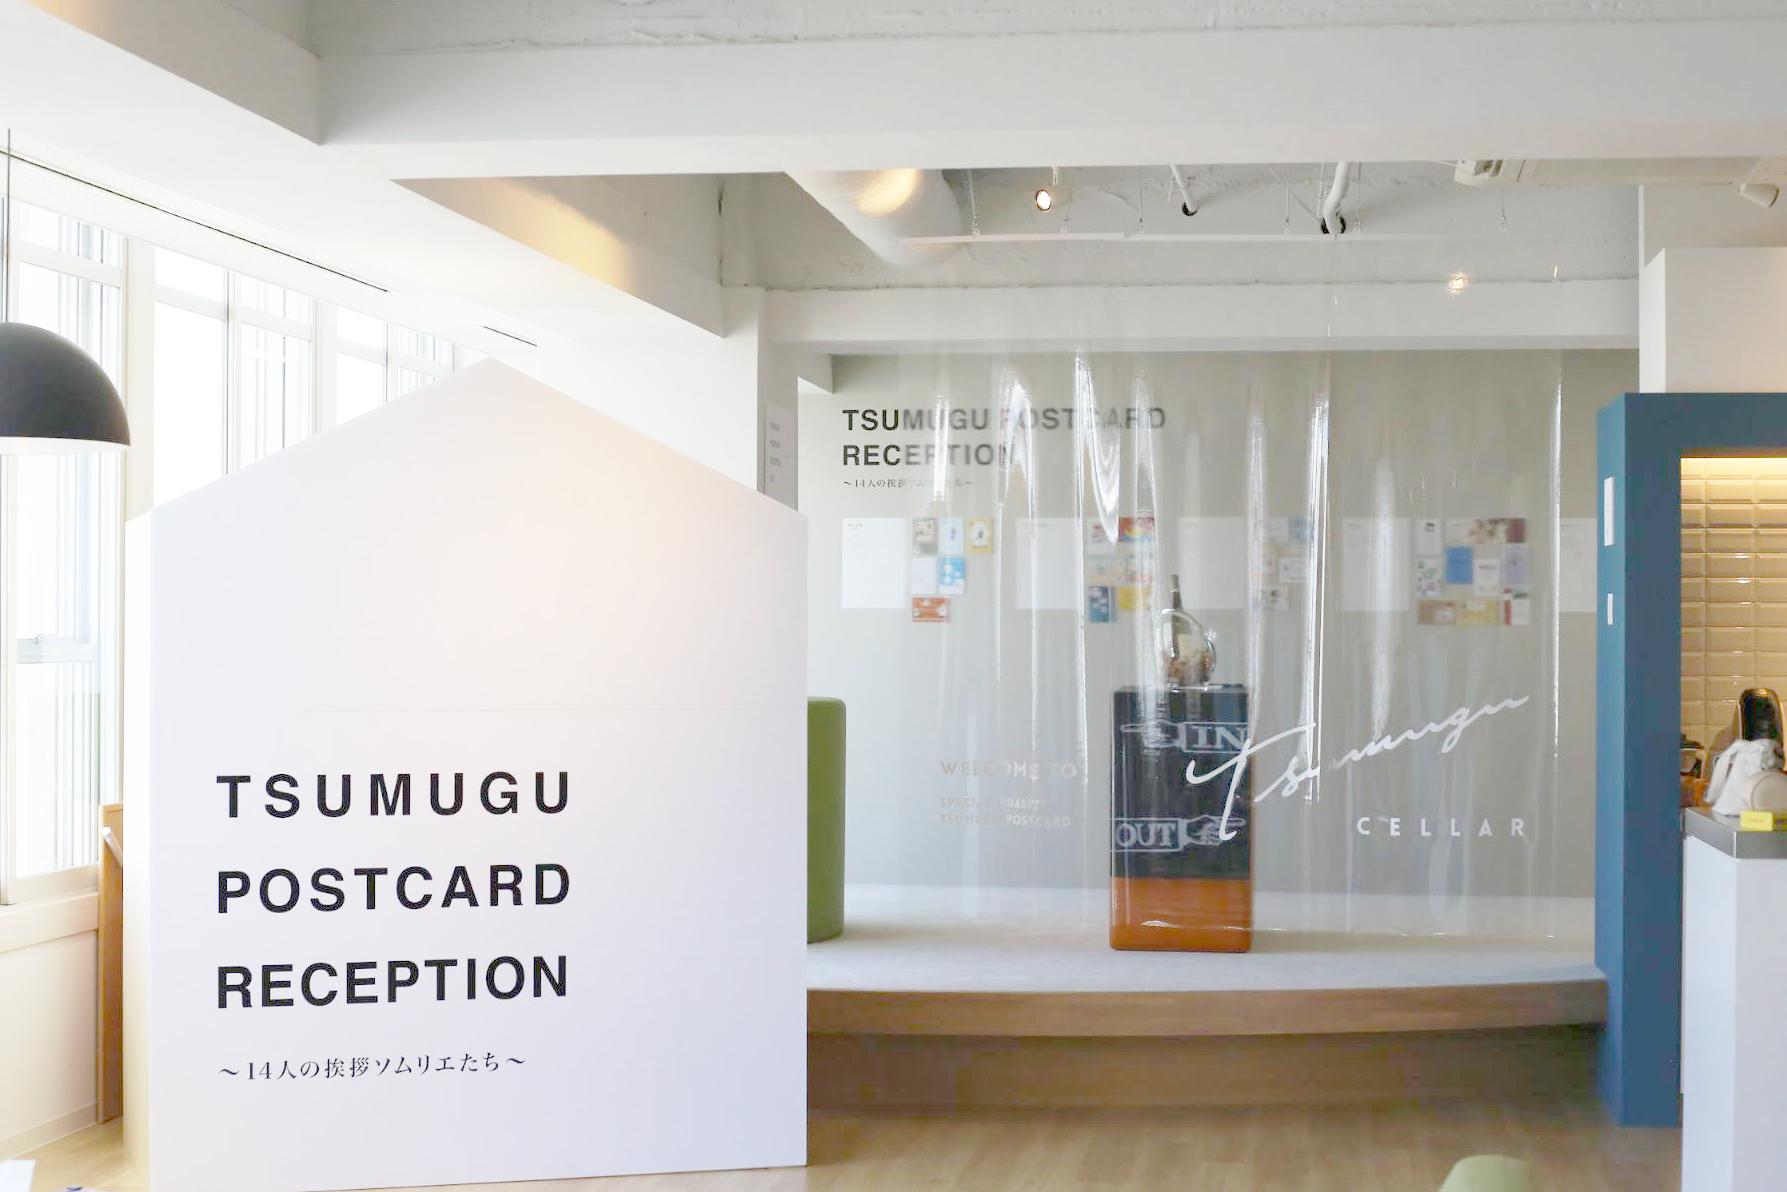 展覧会レポート「TSUMUGU POSTCARD RECEPTION 〜14人の挨拶ソムリエたち〜」